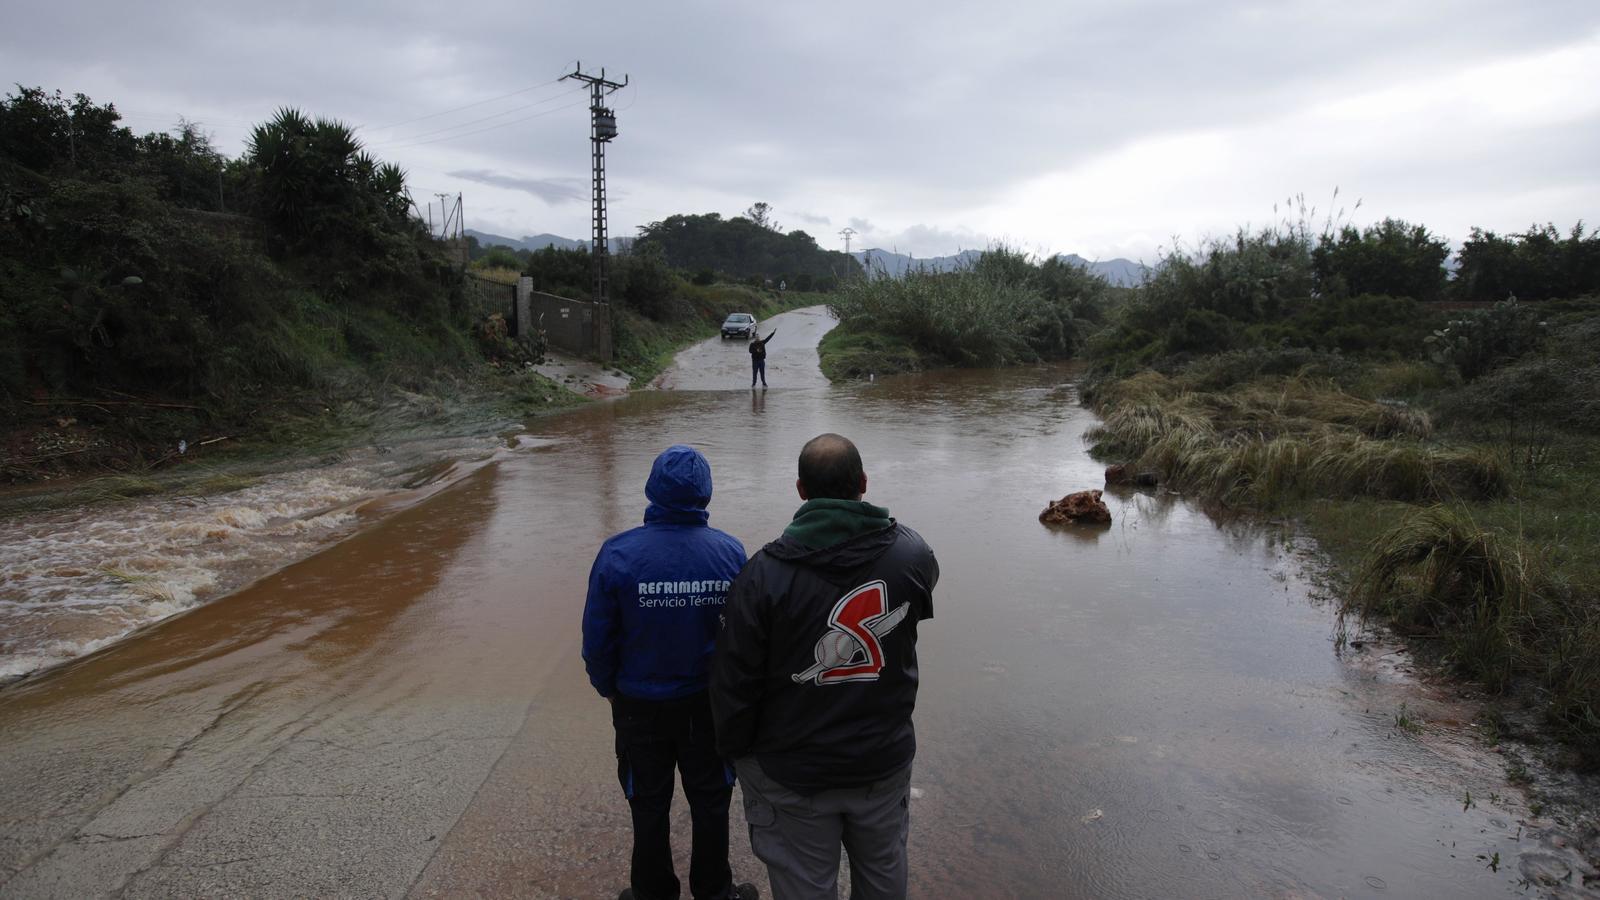 Les pluges de més de 300 litres per metre quadrat al País Valencià provoquen la suspensió de les classes a Gandia